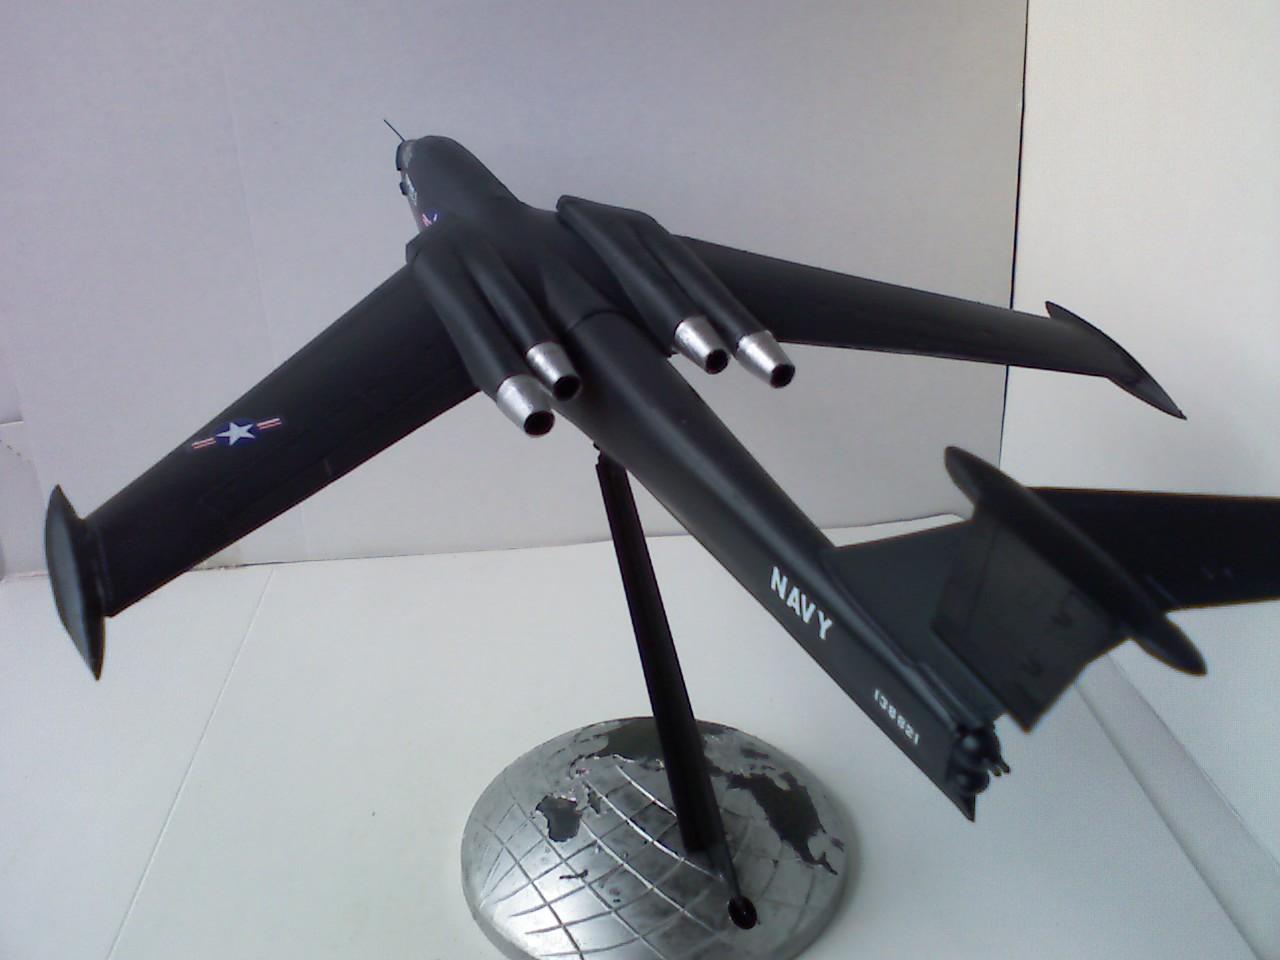 xp6m-1